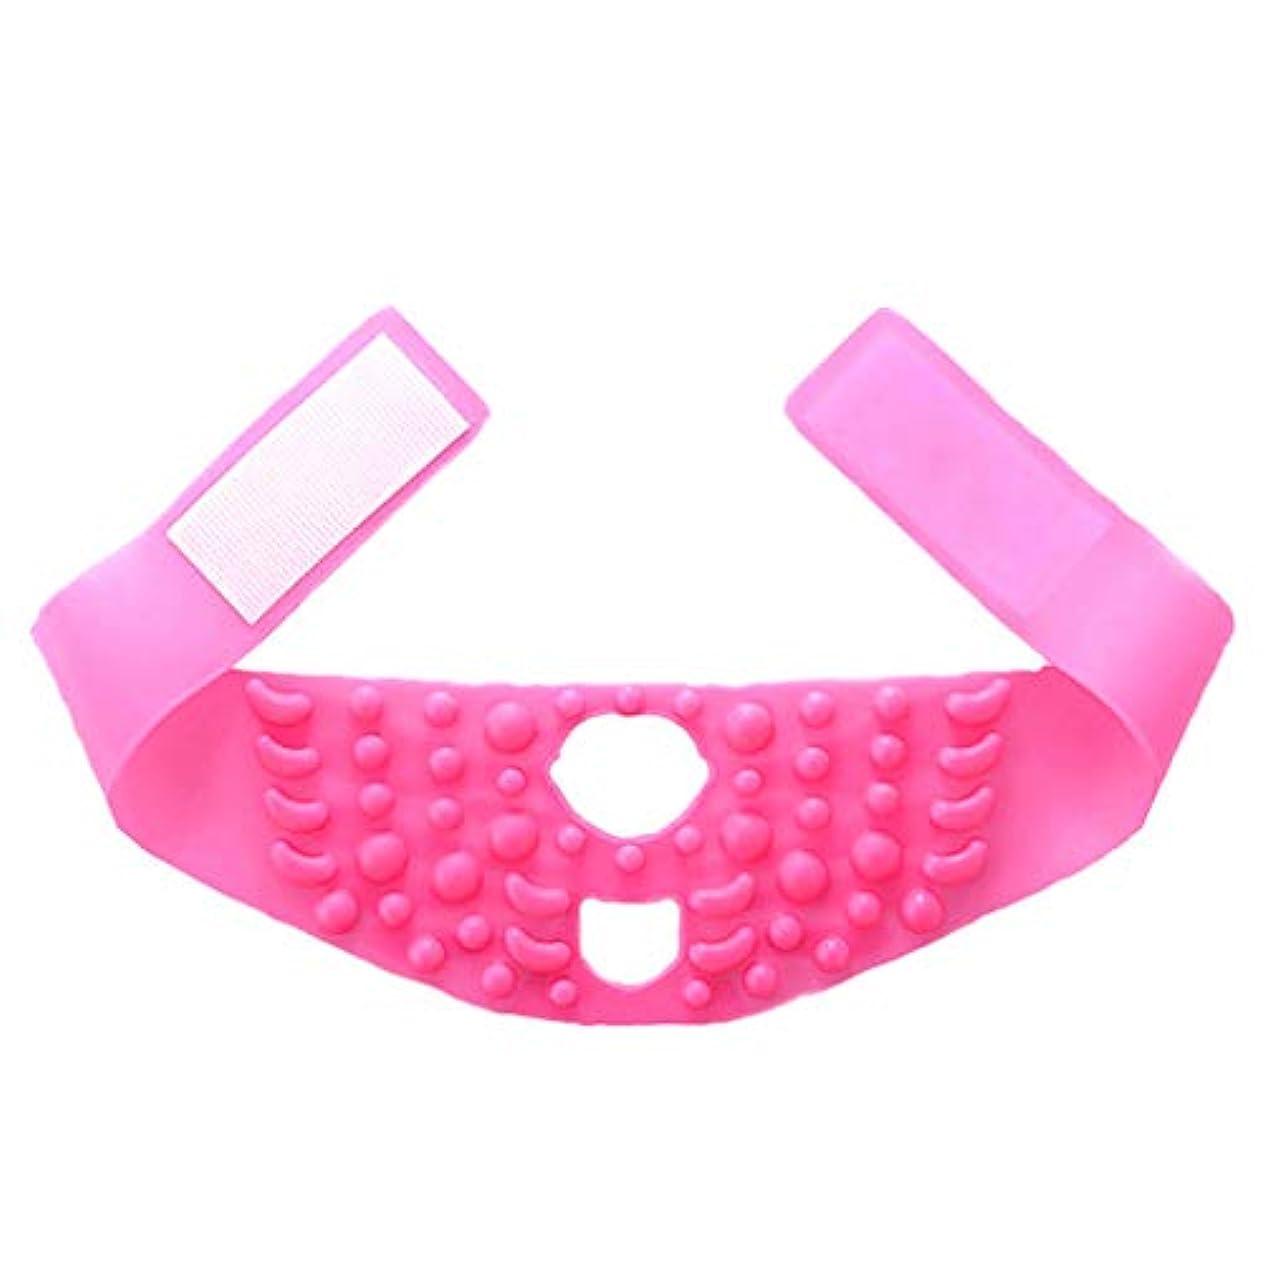 裁量のどトラフTLMY 顔の持ち上がるマスクのあごのリボンのシリコーンVのマスクのマスク強力な包帯Vの表面の人工物小さいVの顔の包帯顔および首の持ち上がるピンクのシリコーンの包帯 顔用整形マスク